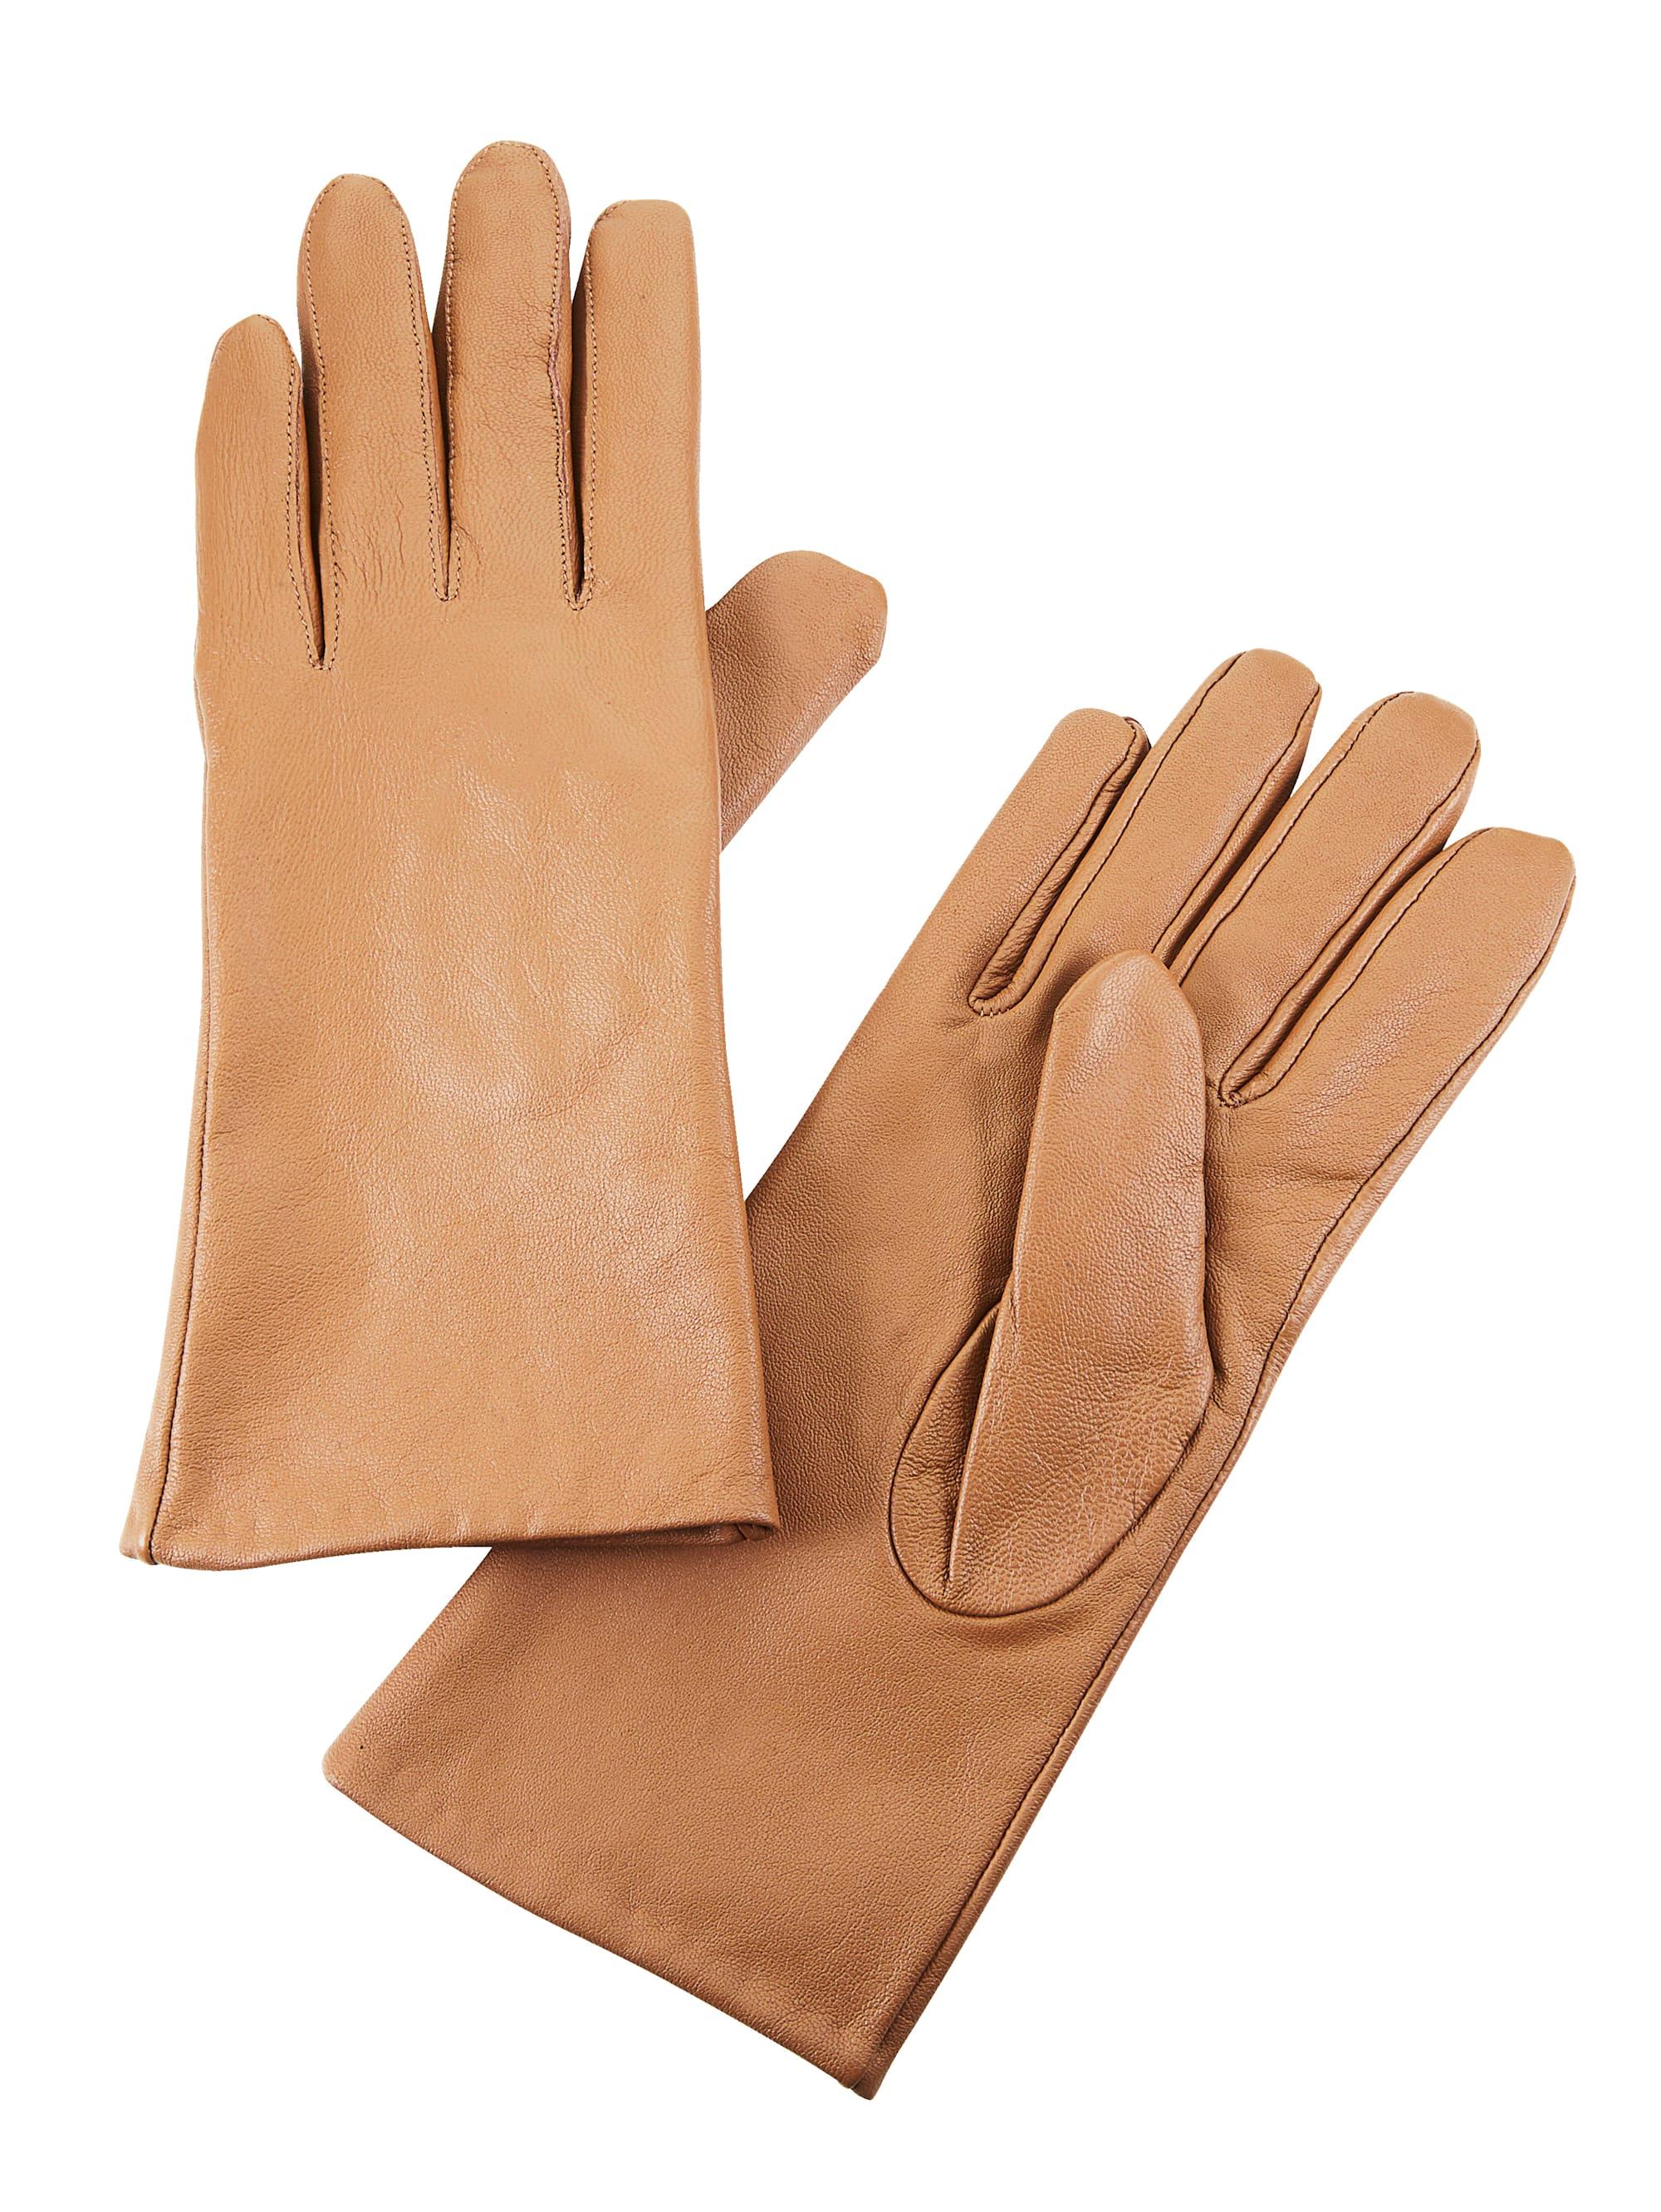 Mona Lederhandschuhe braun Damen Fingerhandschuhe Handschuhe Accessoires